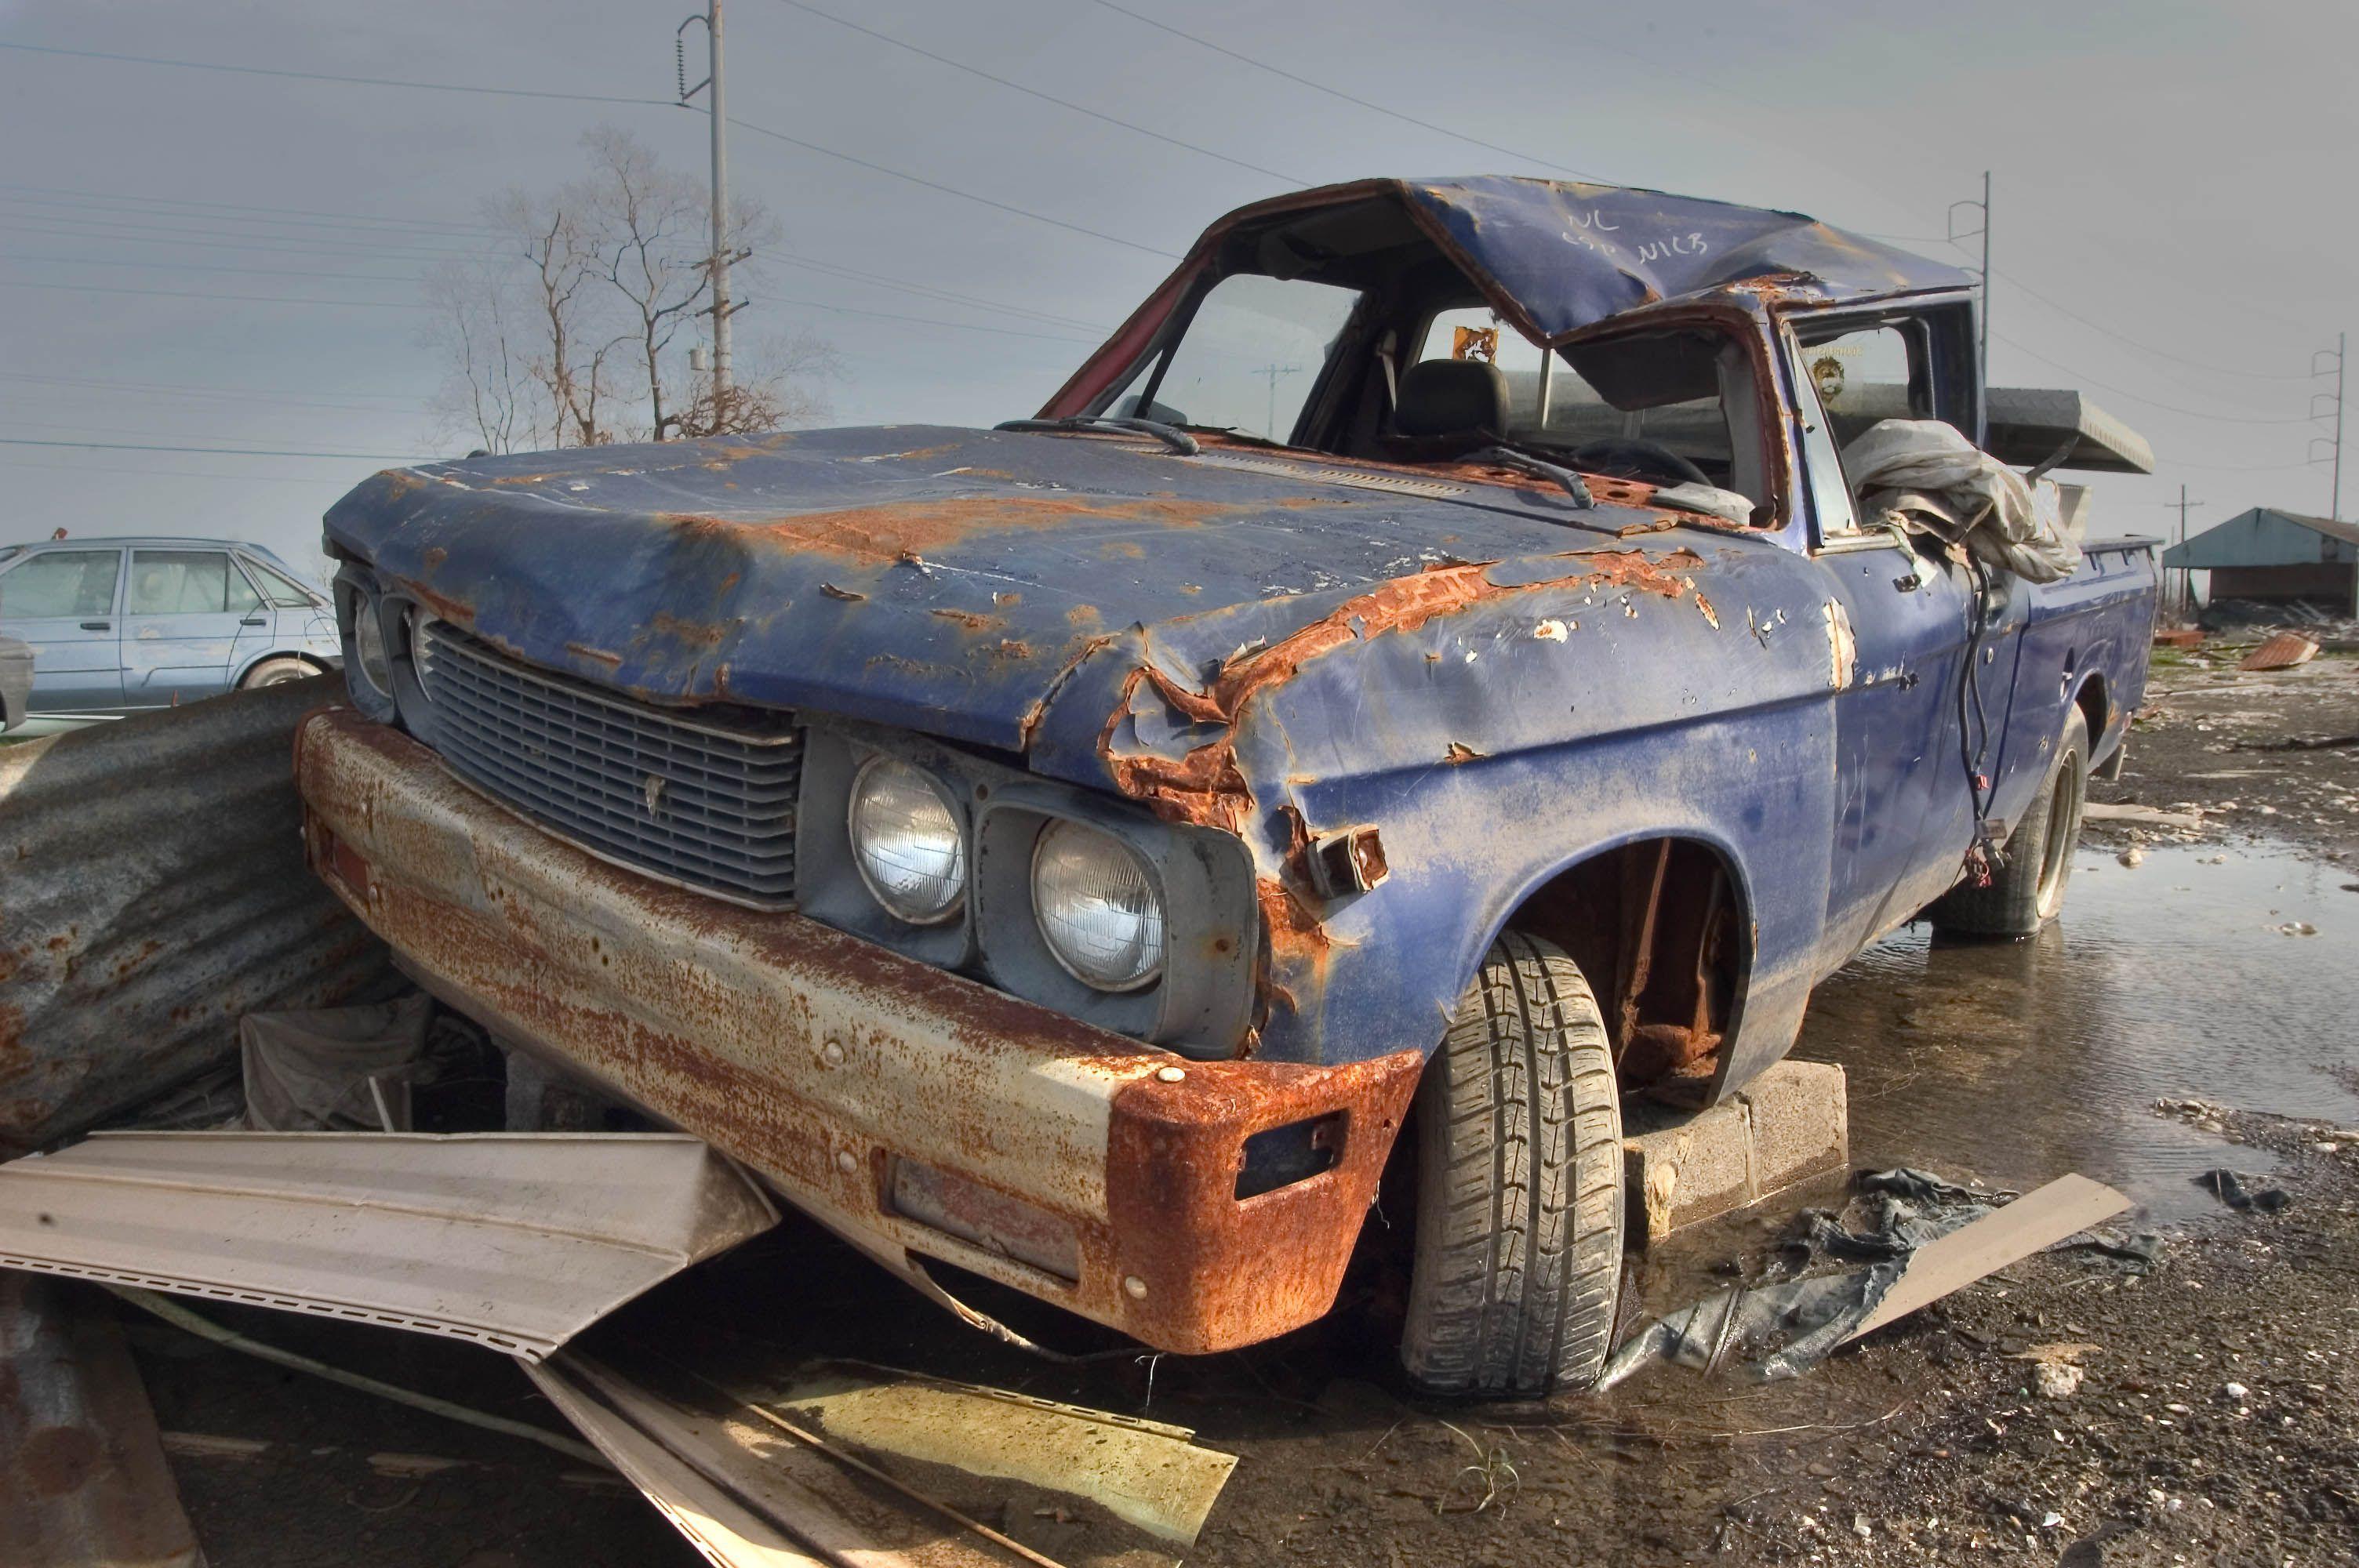 How to Get Cash for a Useless Car? Scrap car, Car buyer, Car